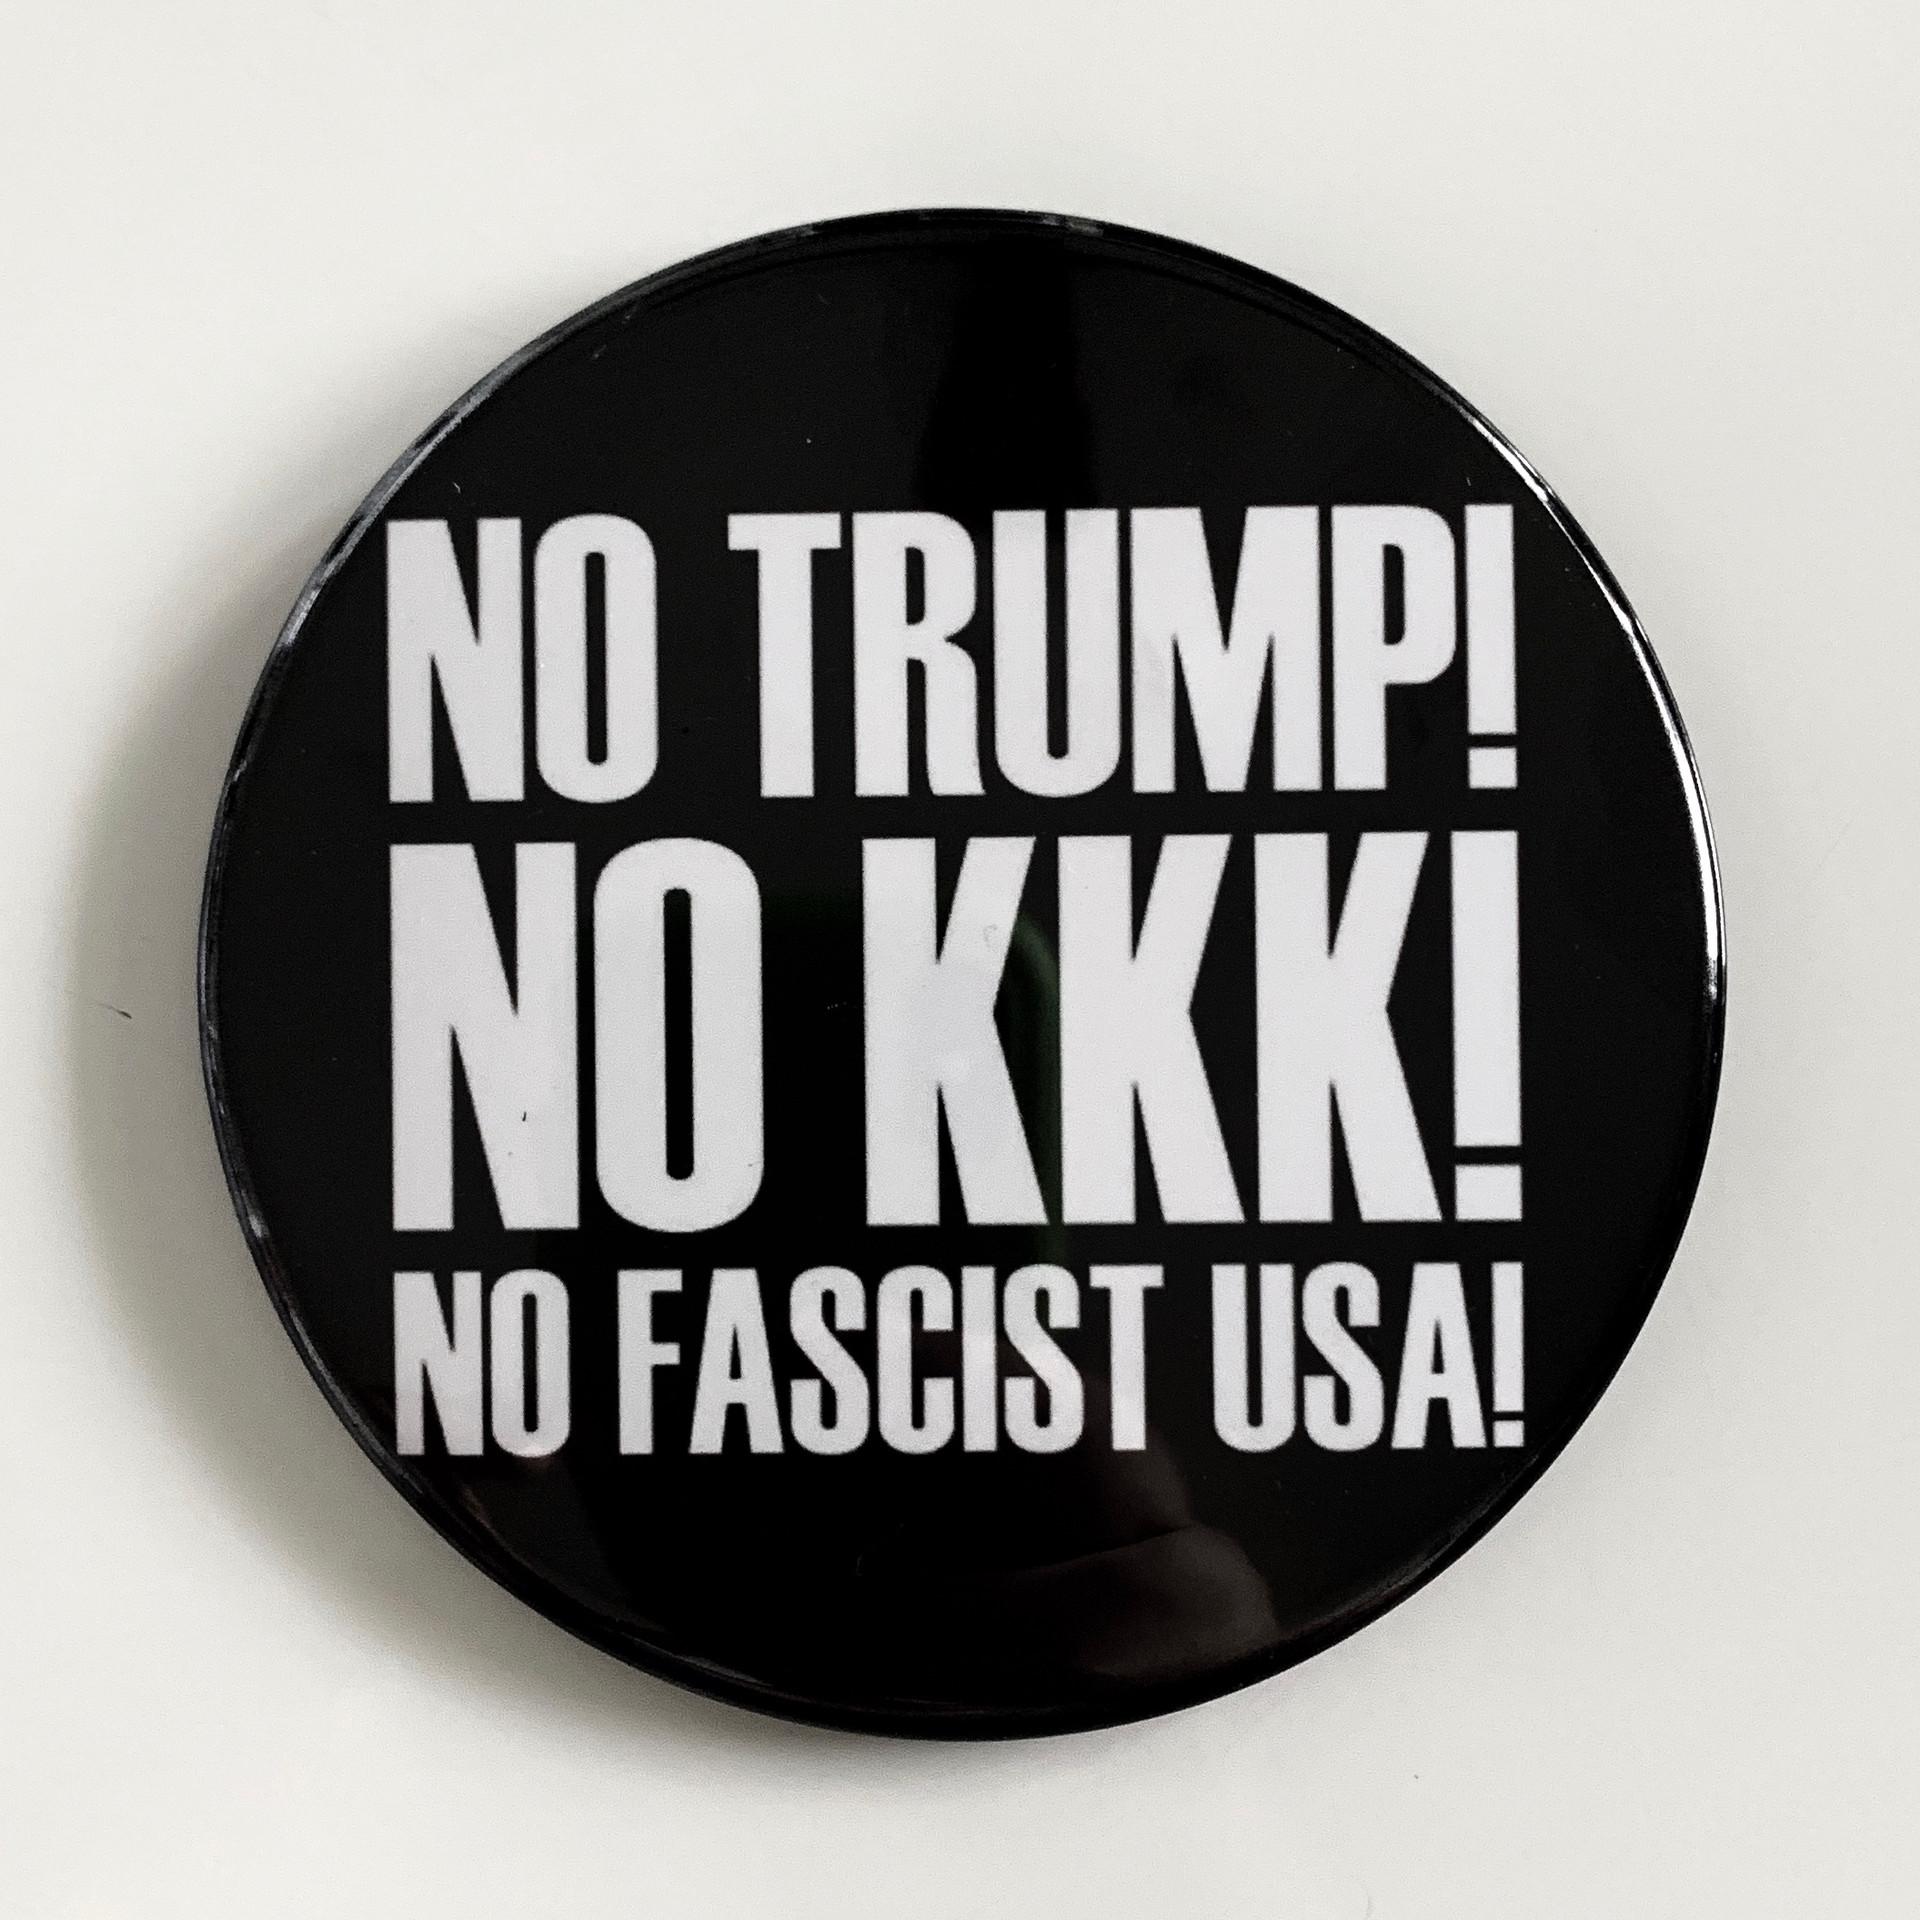 No Trump! No KKK! No Fascist USA!